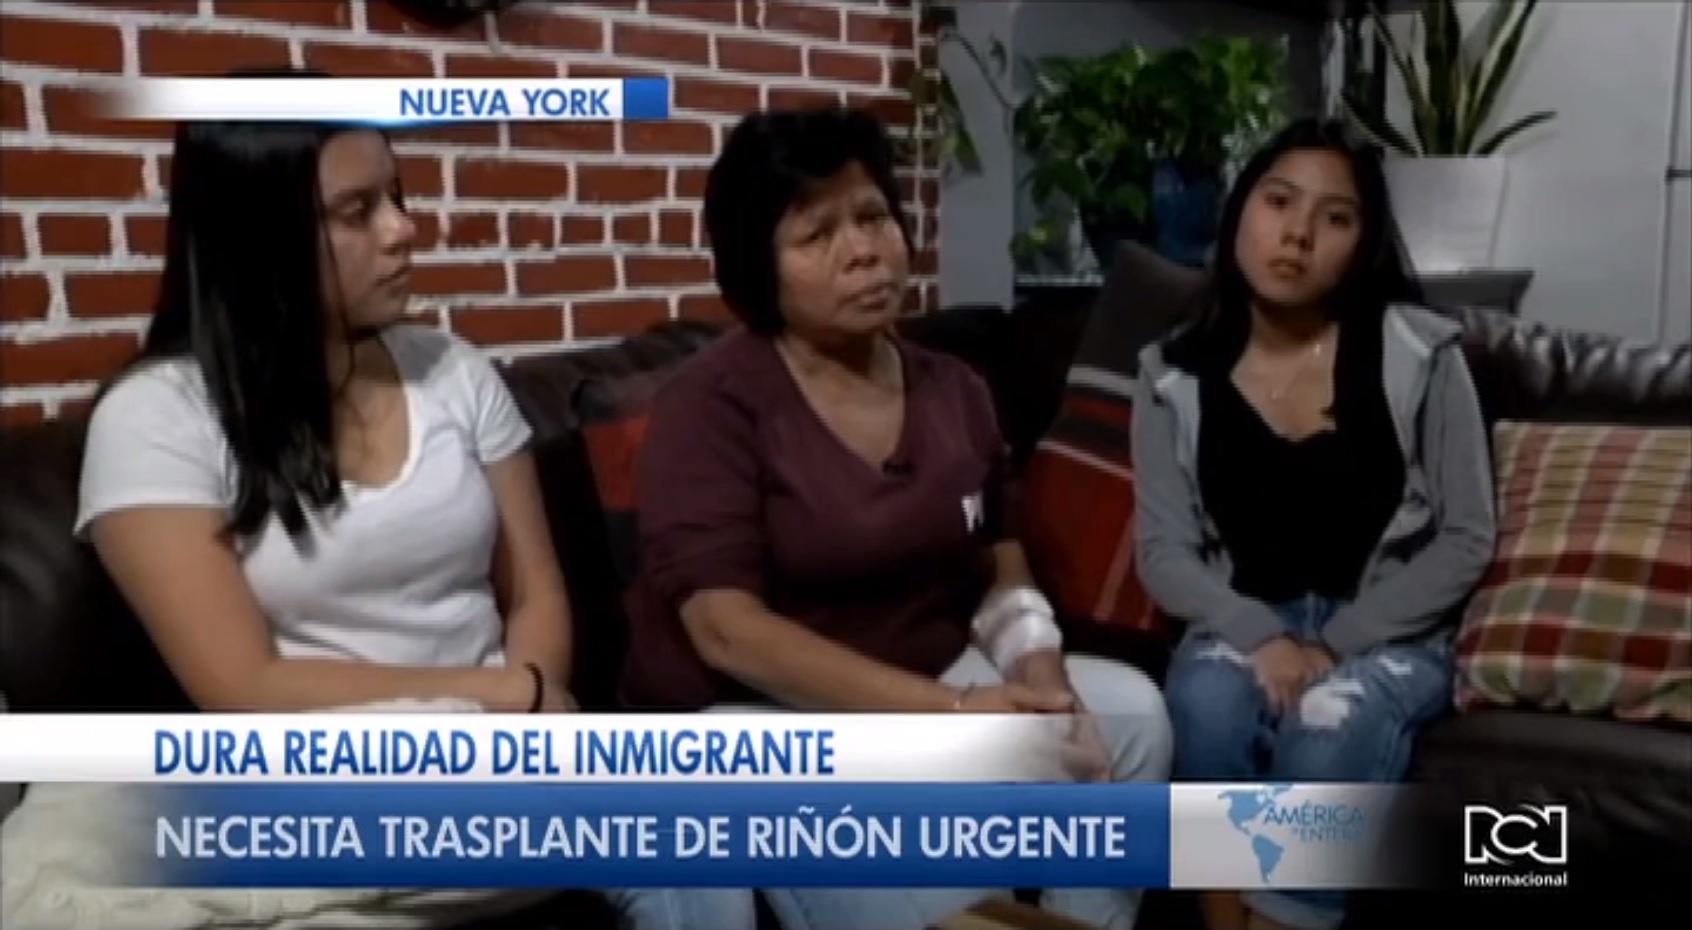 Migrante hispana que no puede ser trasplantada por ser indocumentada pide ayuda del Congreso de Estados Unidos